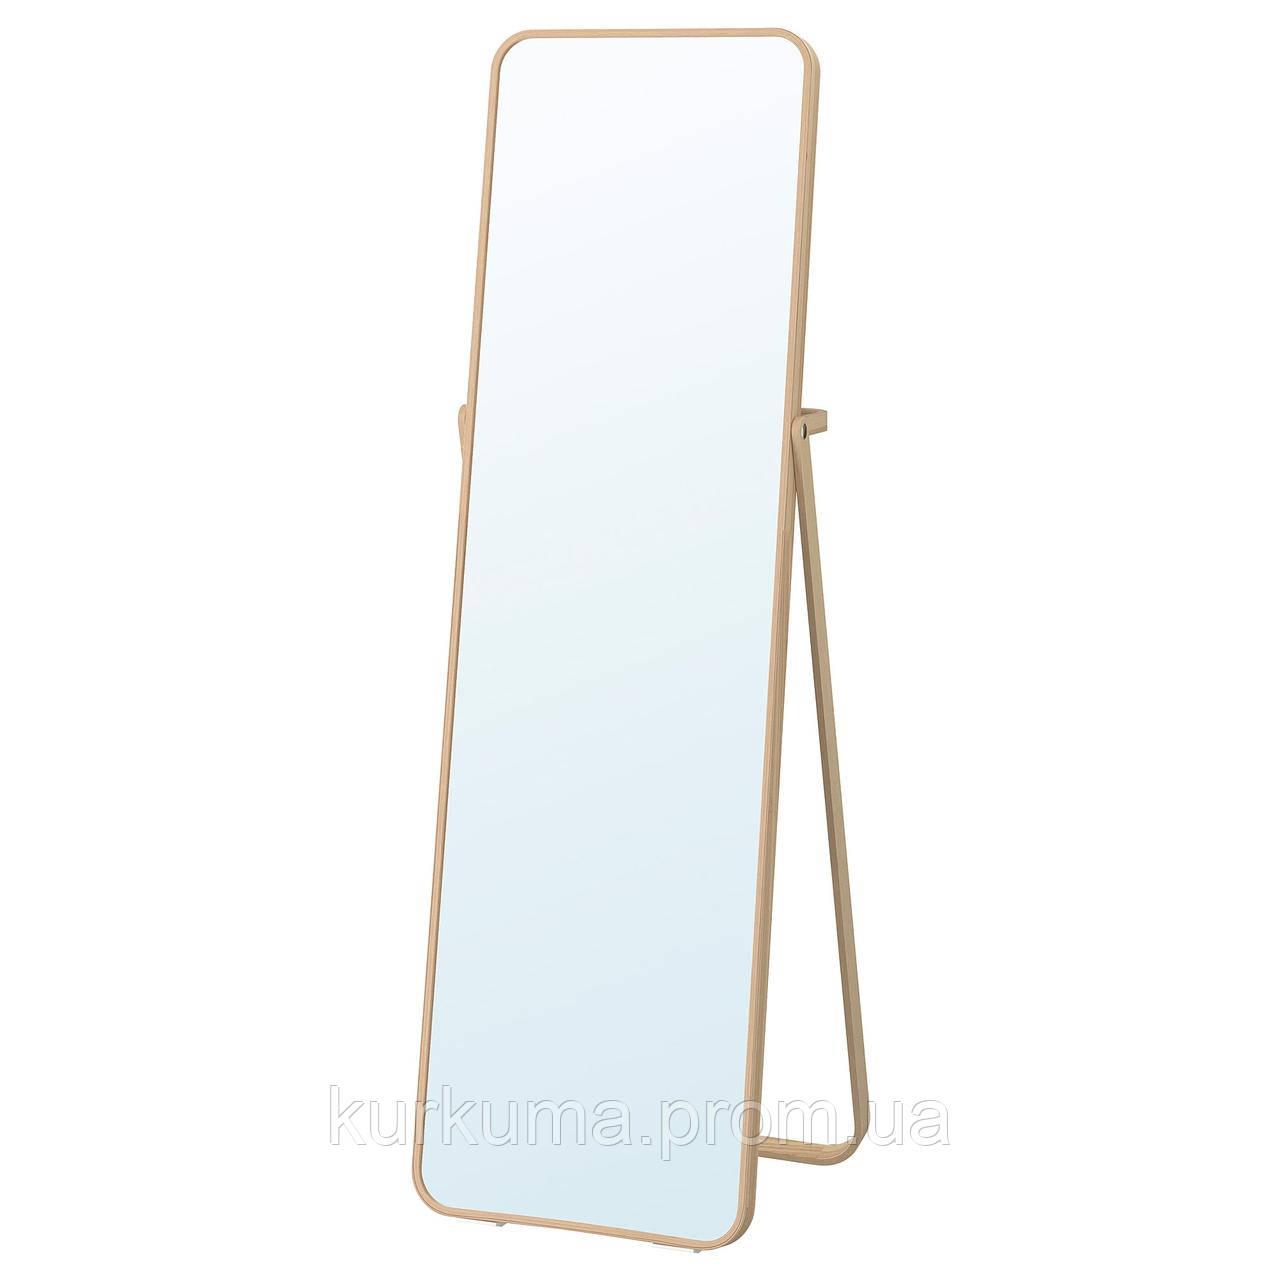 IKEA IKORNNES Напольное зеркало, ясень  (302.983.96)